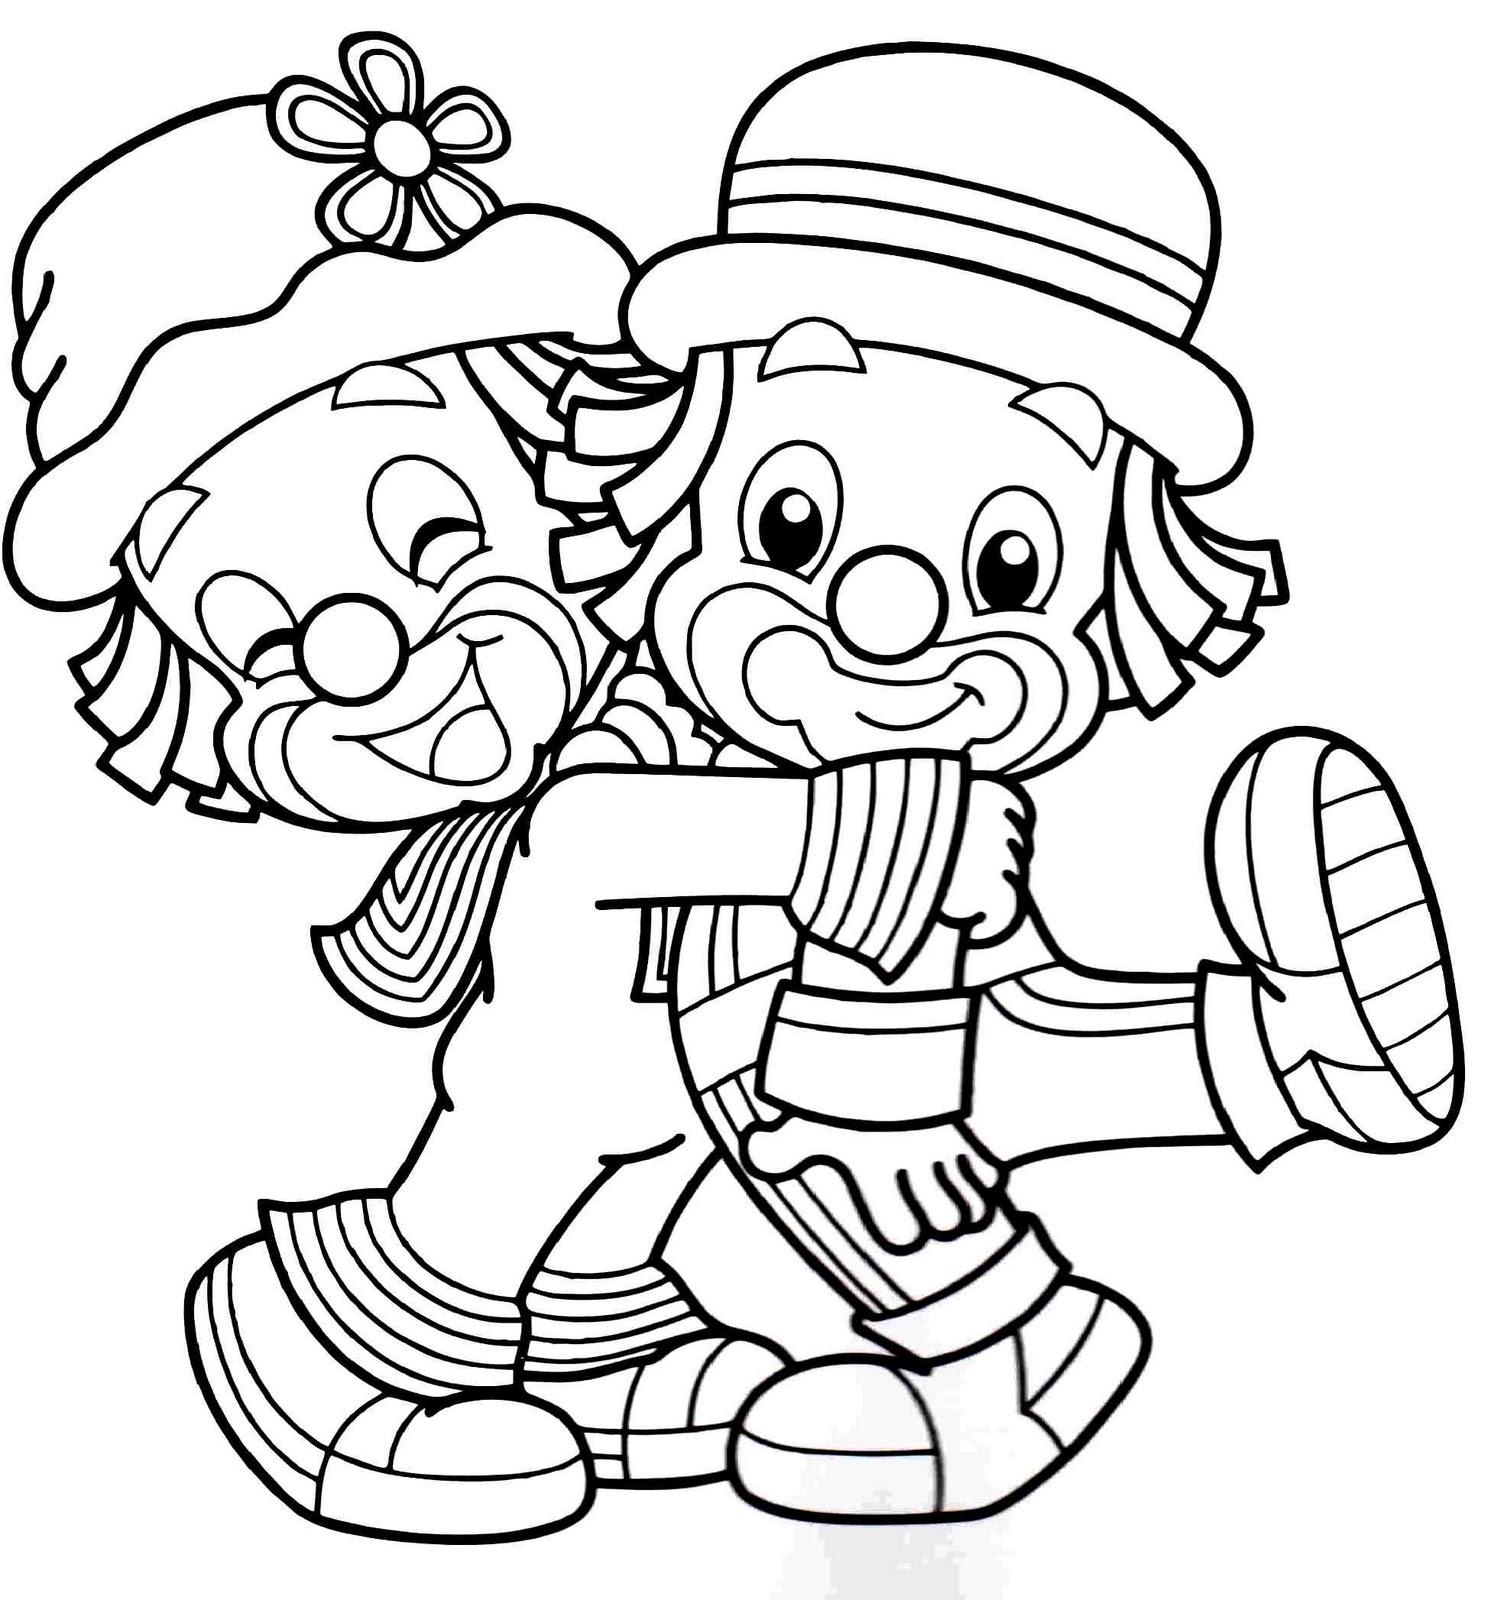 imagens pequenas para colorir circo